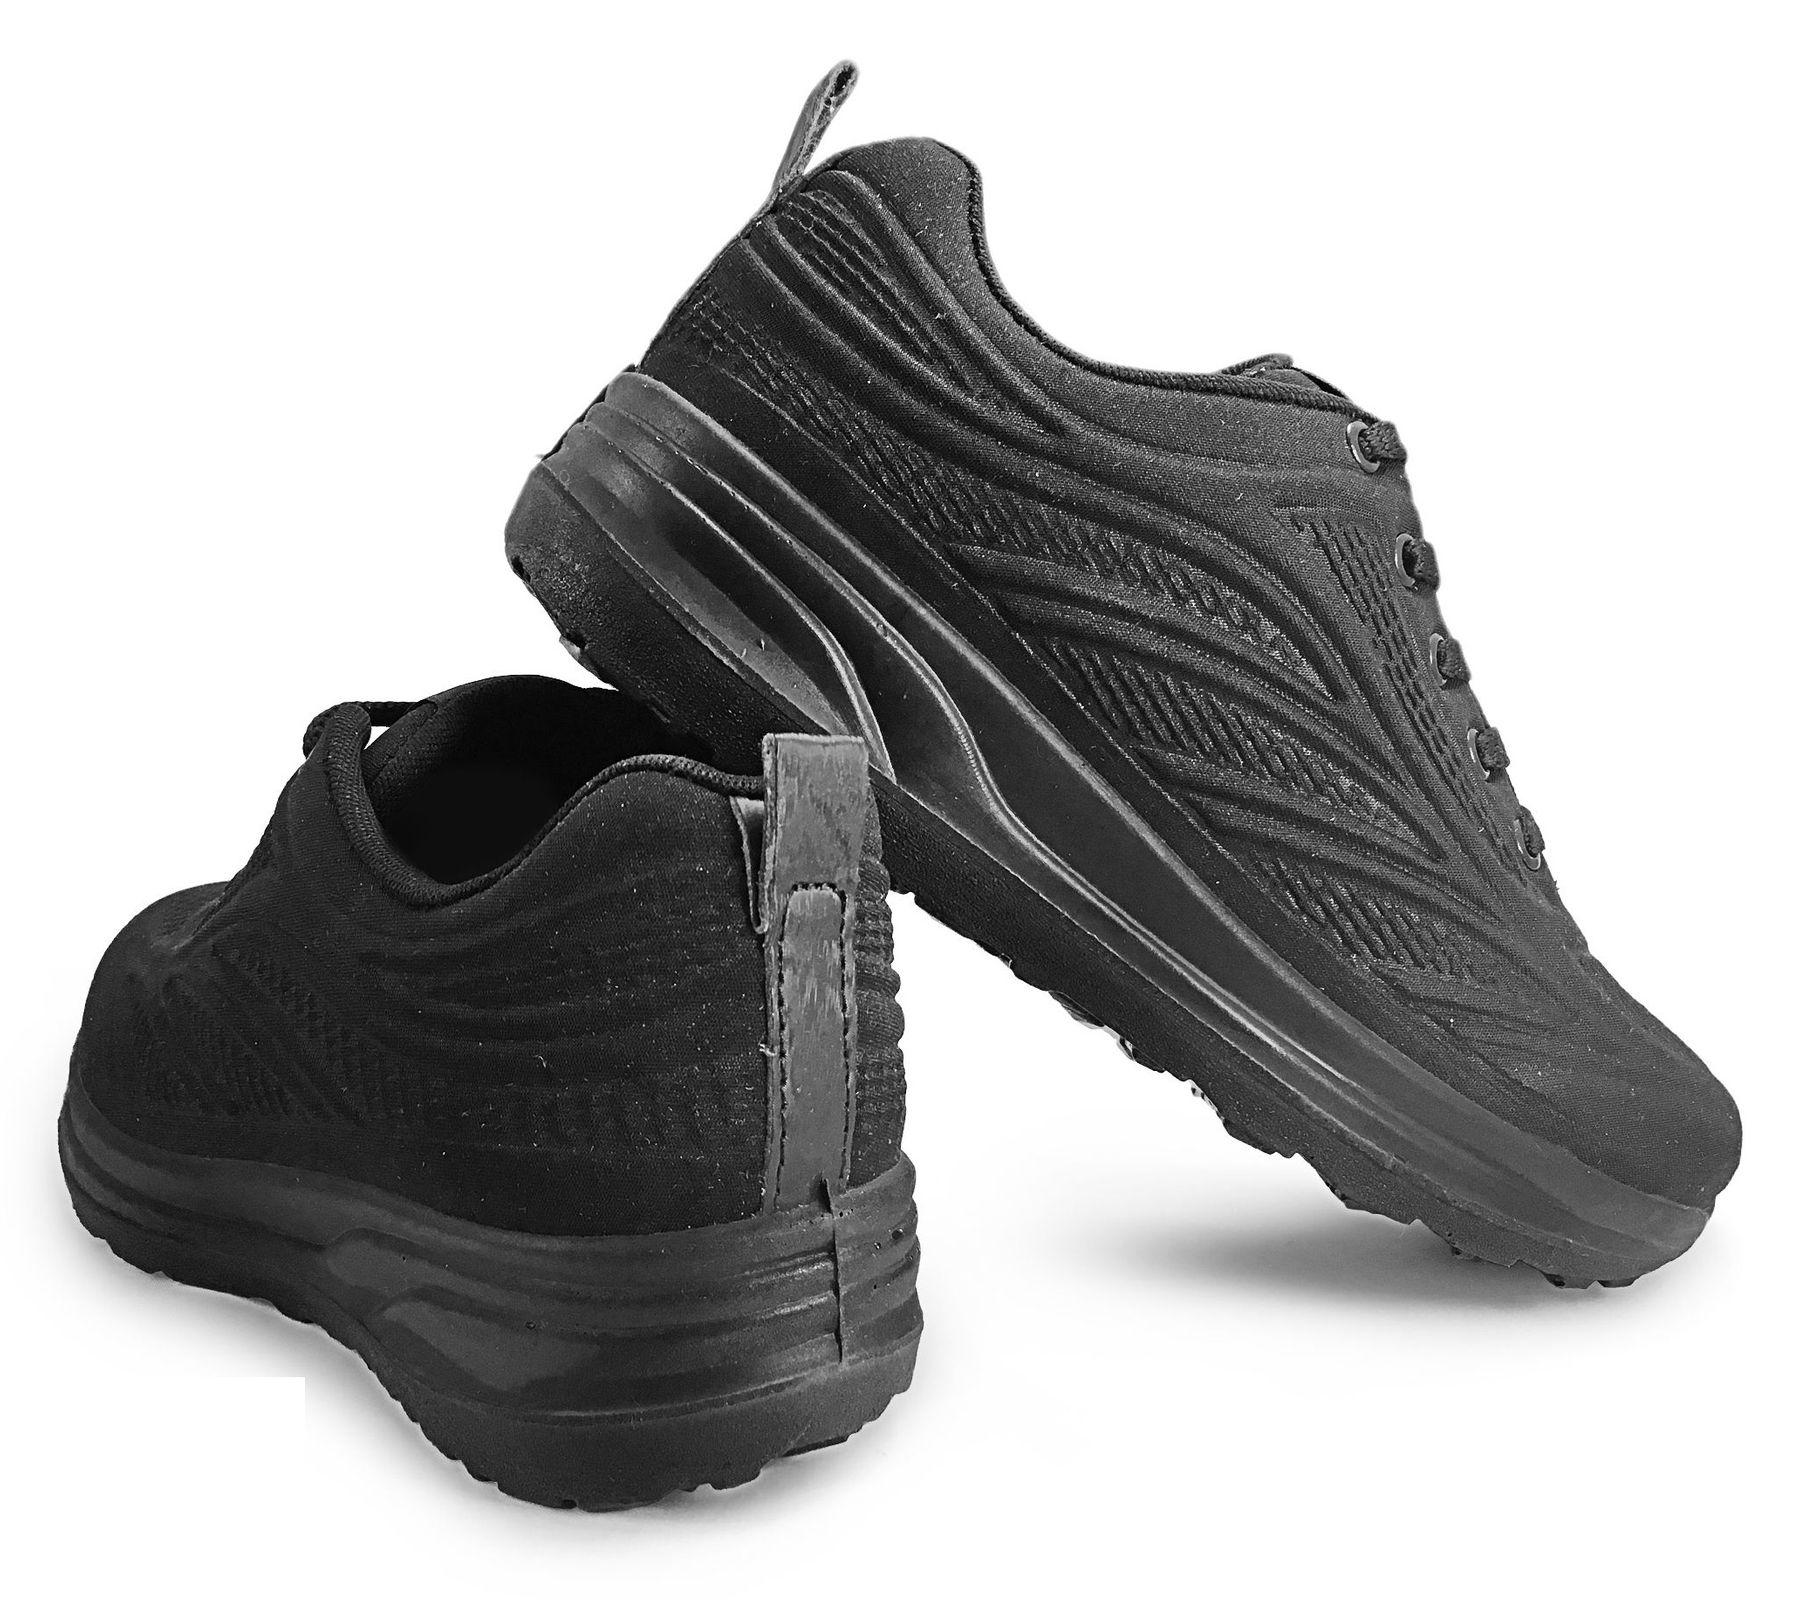 کفش مخصوص پیاده روی زنانه مدل چپان کد 3693 main 1 4